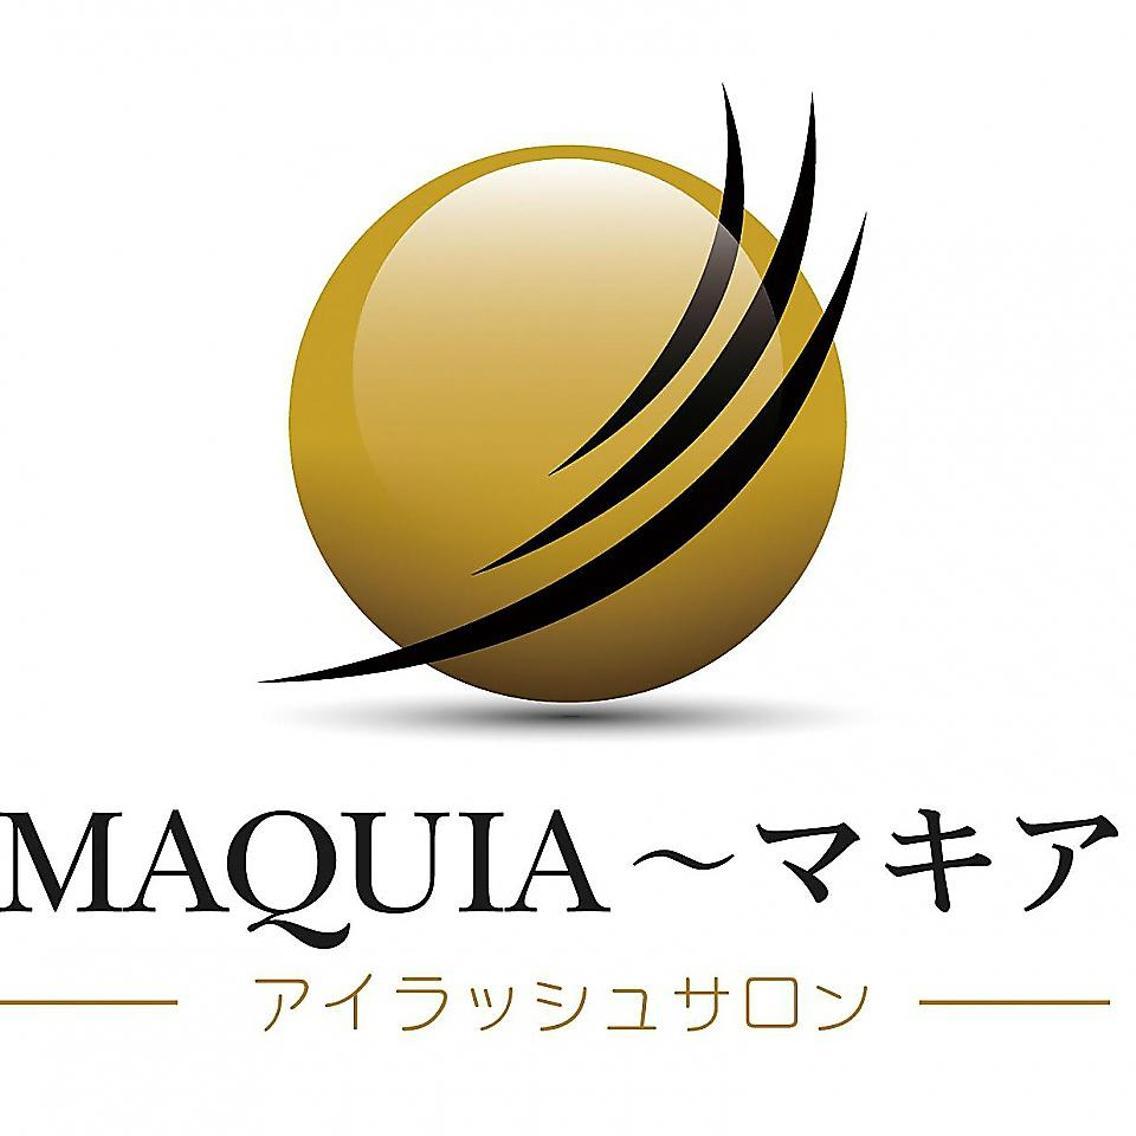 新潟古町店MAQUIA所属・MAQUIA新潟古町 近の掲載